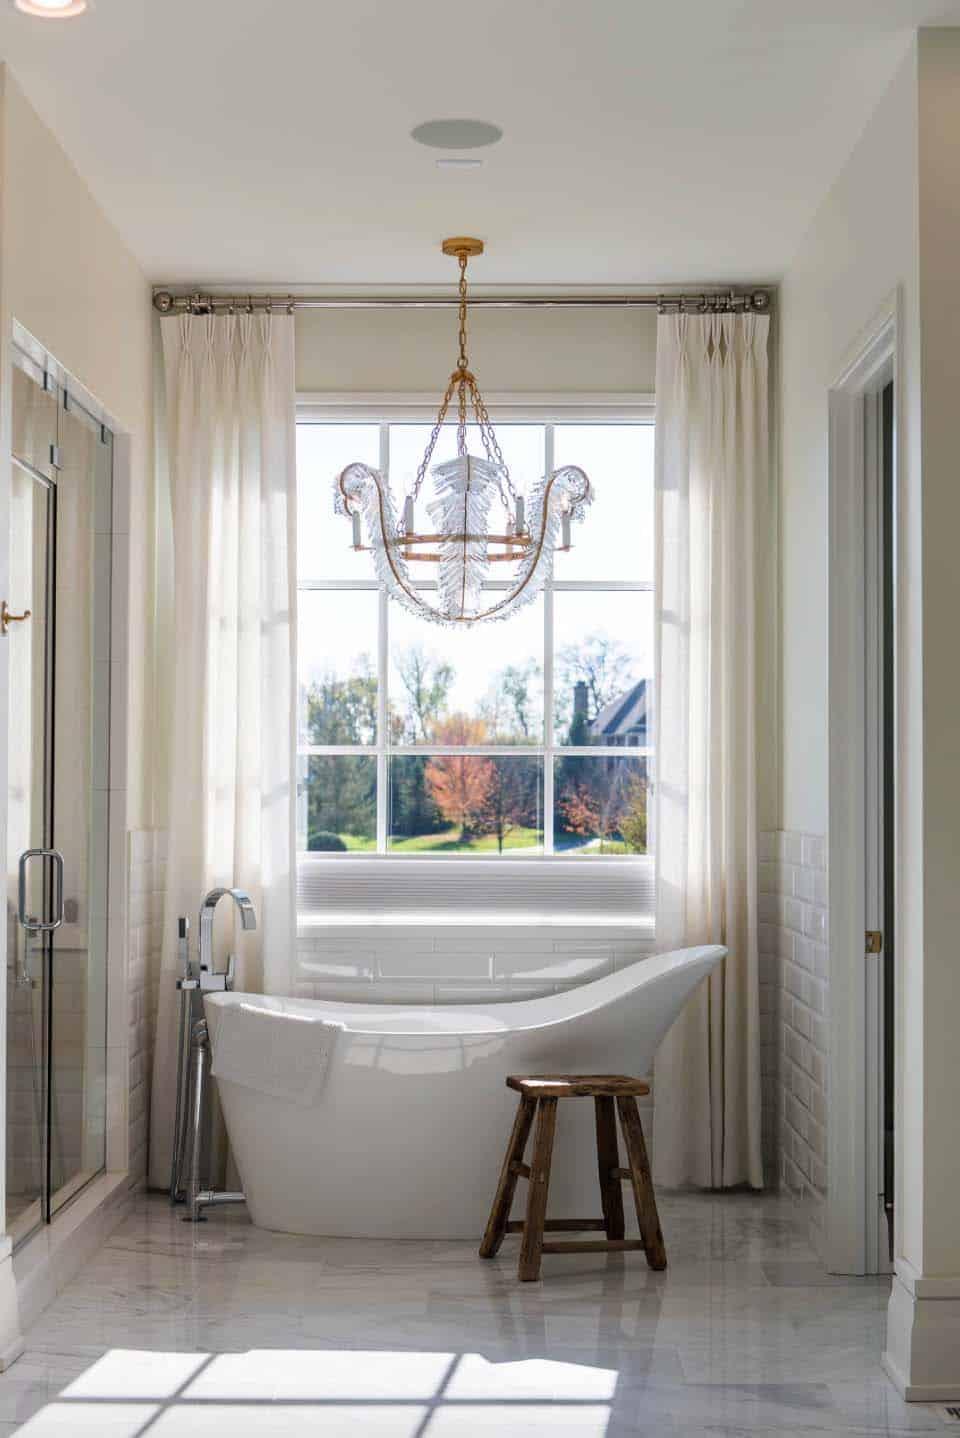 maison-familiale-transitionnelle-salle-de-bain-principale-baignoire